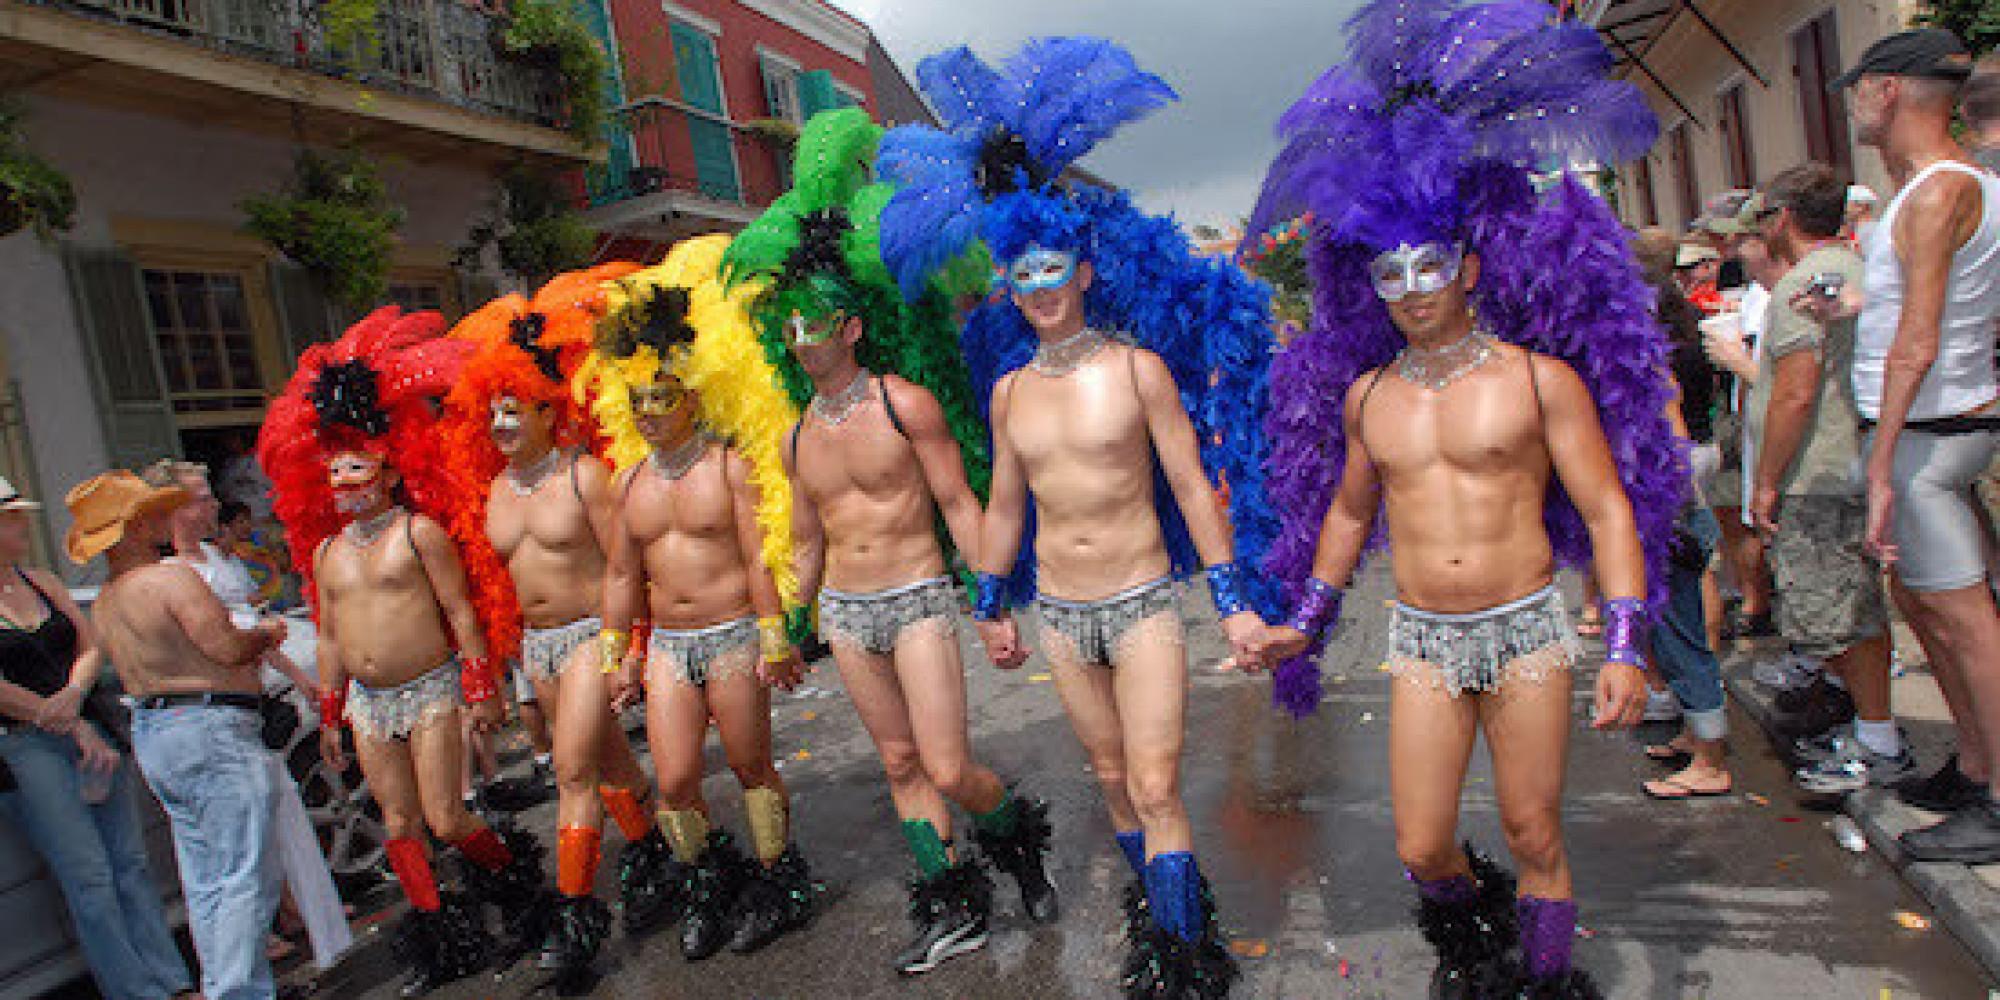 Ничего гей клуб видео